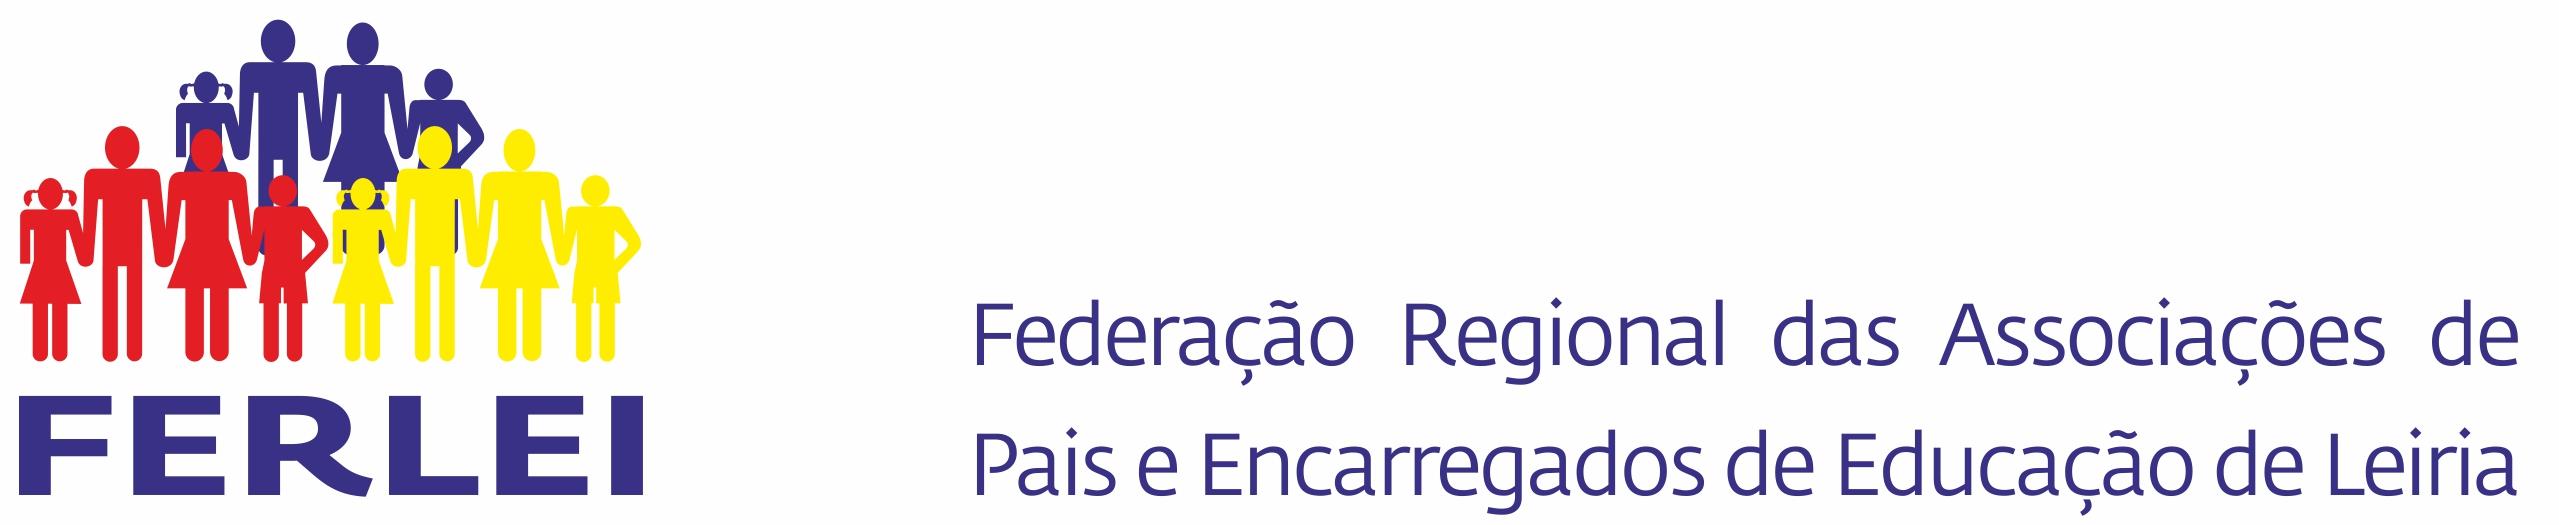 FERLEI-FEDERAÇÃO REGIONAL DAS ASSOCIAÇÕES DE PAIS E ENCARREGADOS DE EDUCAÇÃO DE LEIRIA